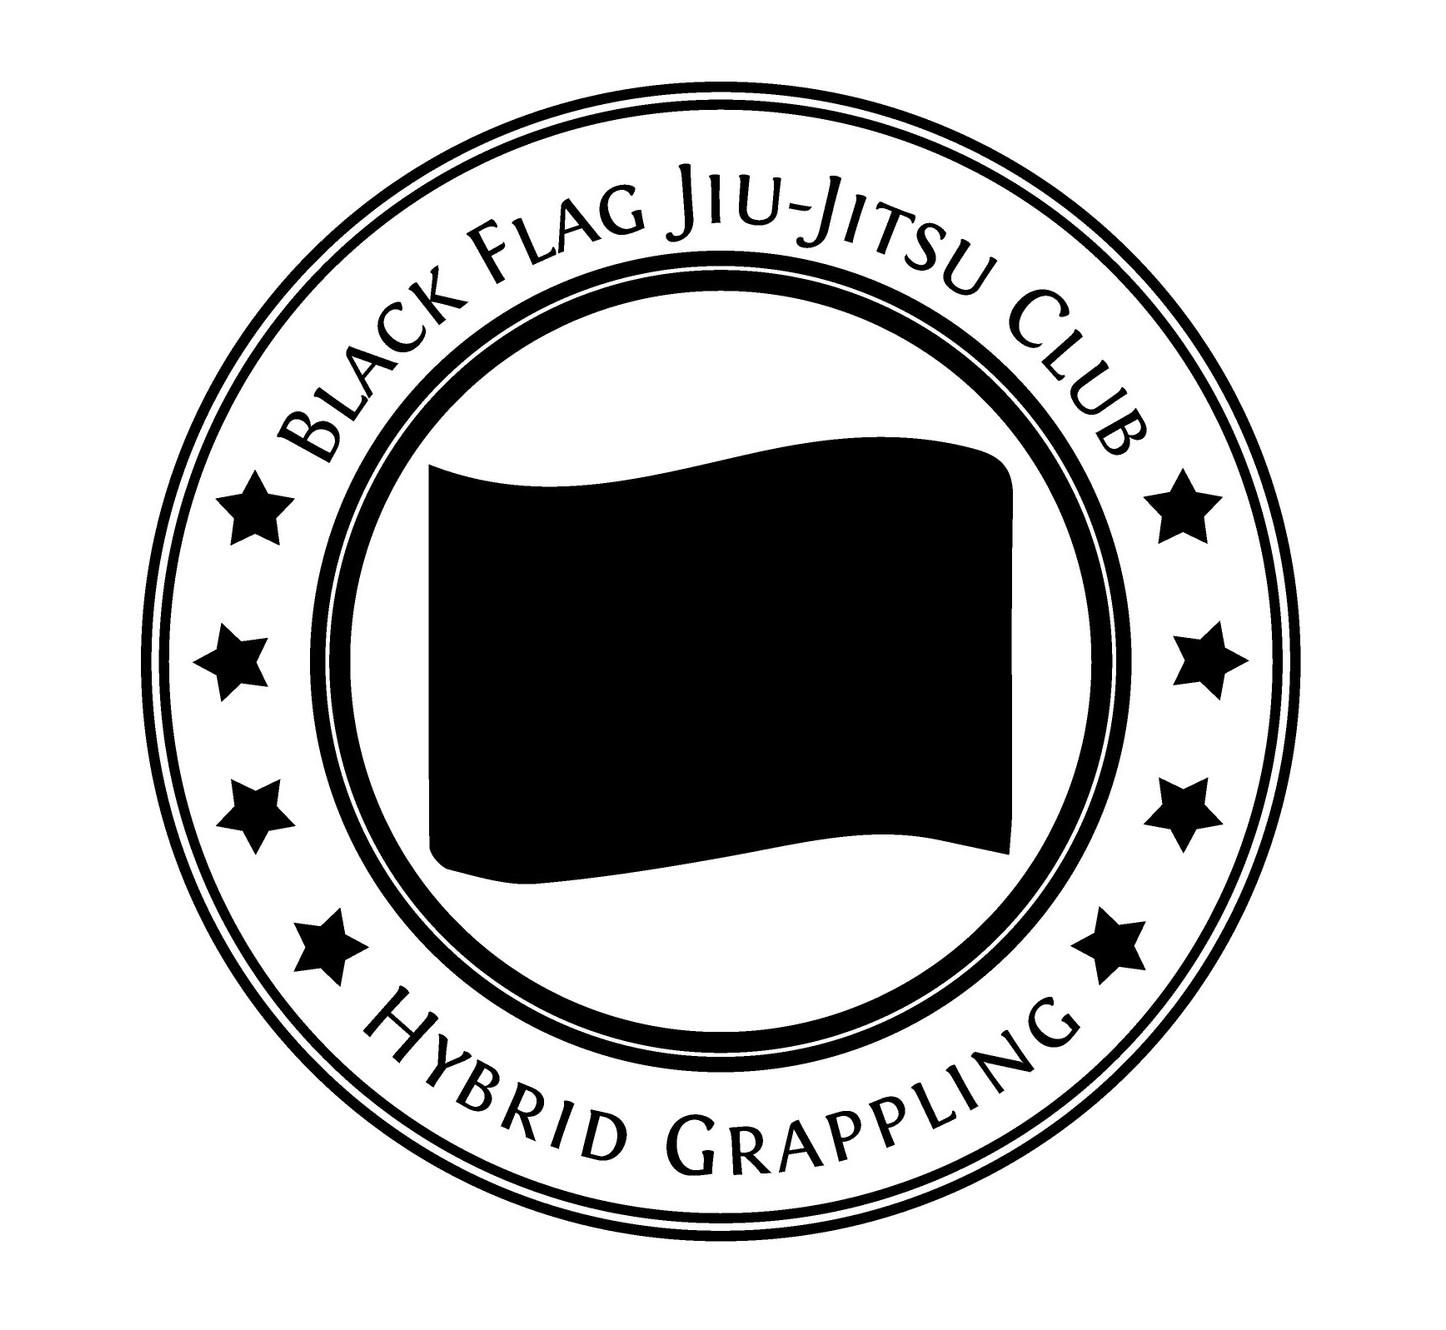 Black Flag Jiu-Jitsu Club Glendale Arizona